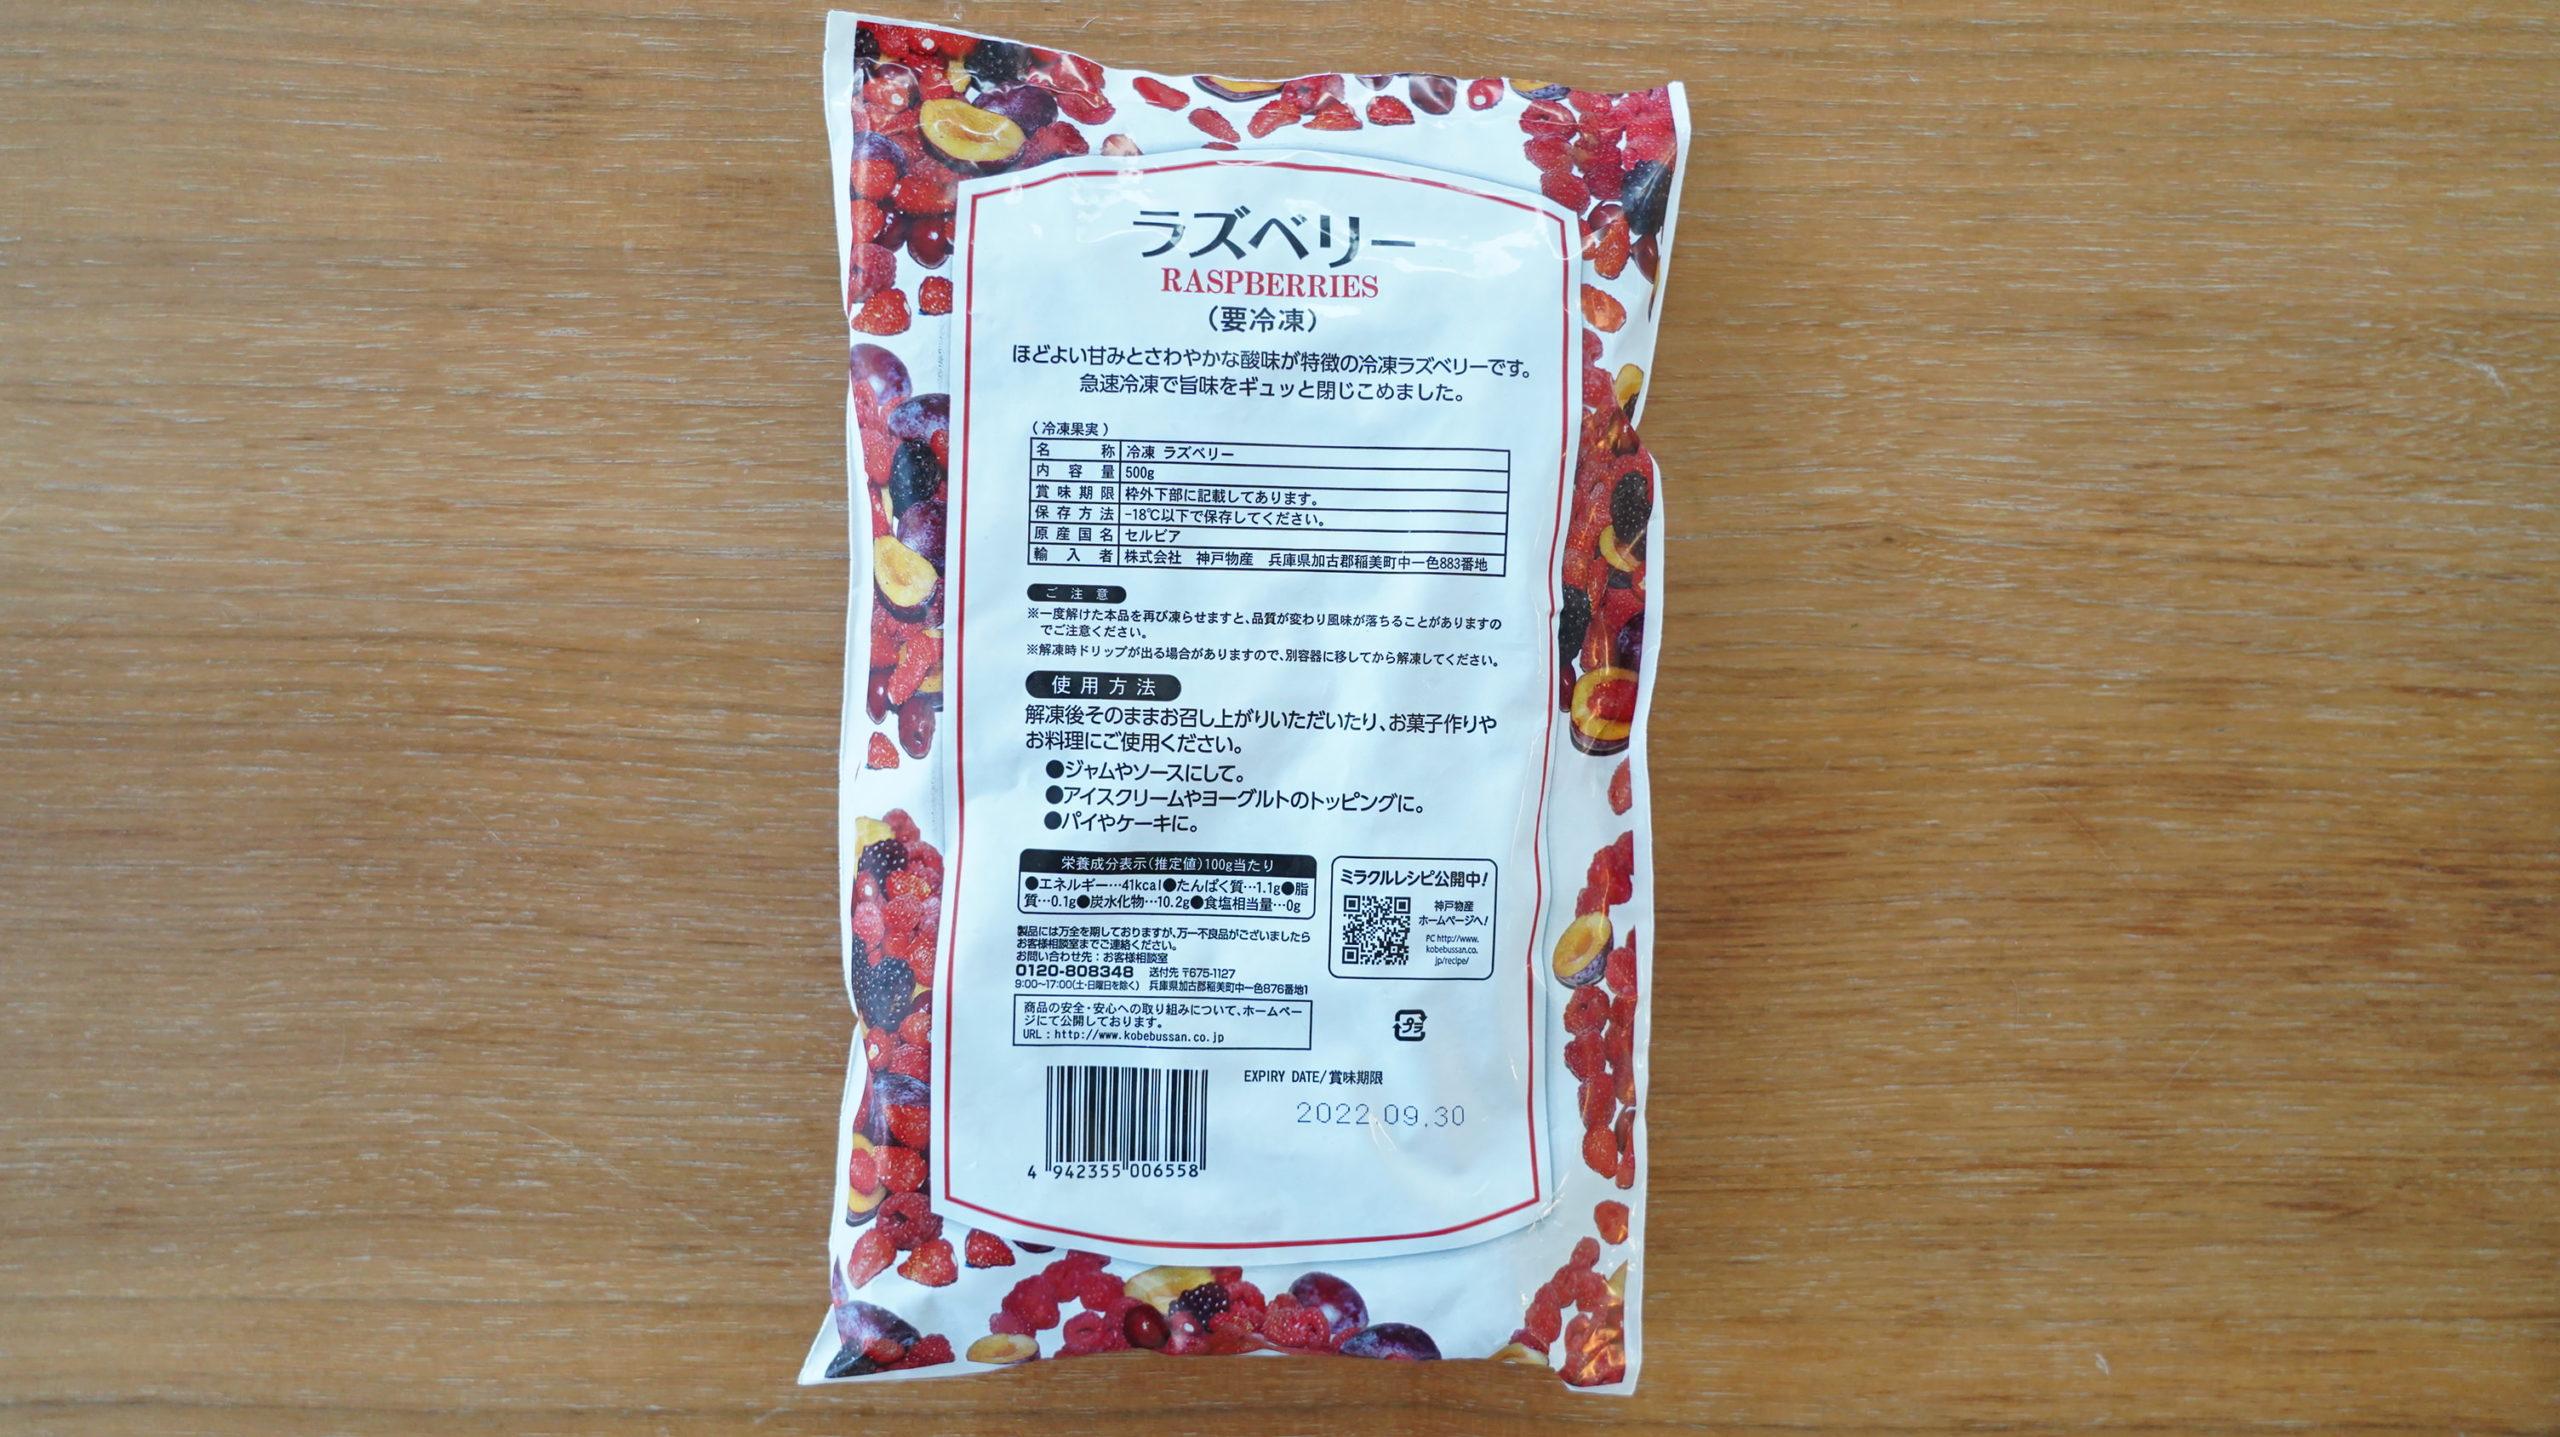 業務スーパーの冷凍食品「ラズベリー」のパッケージ裏面の写真